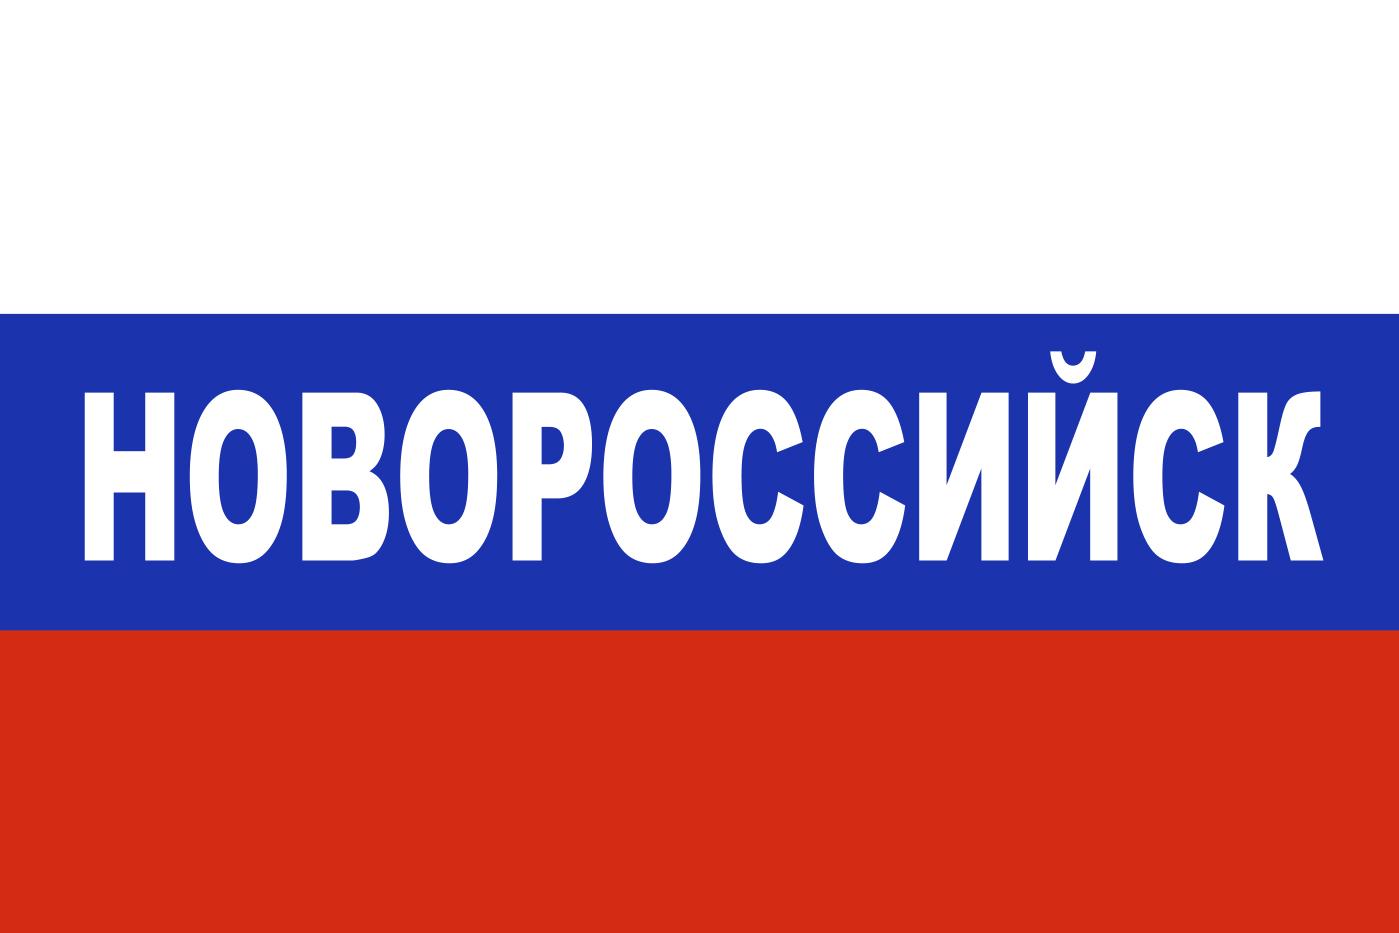 Флаг триколор Новороссийск